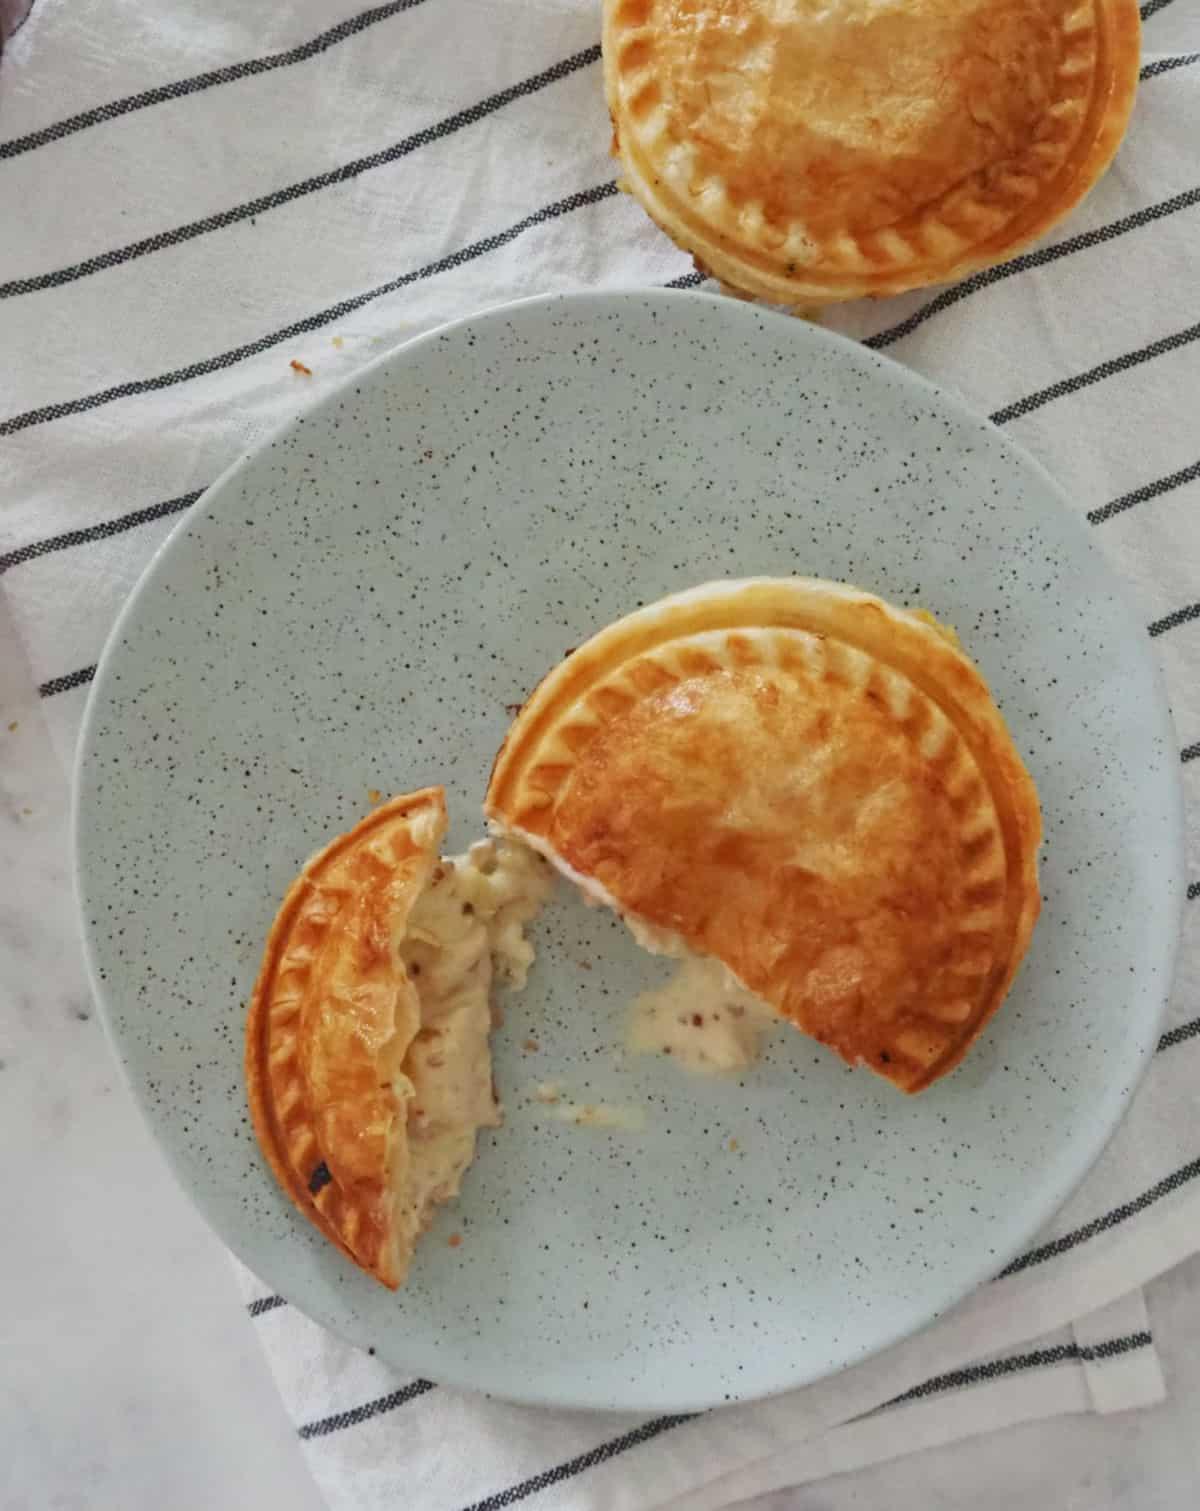 Pie cut in half on plate